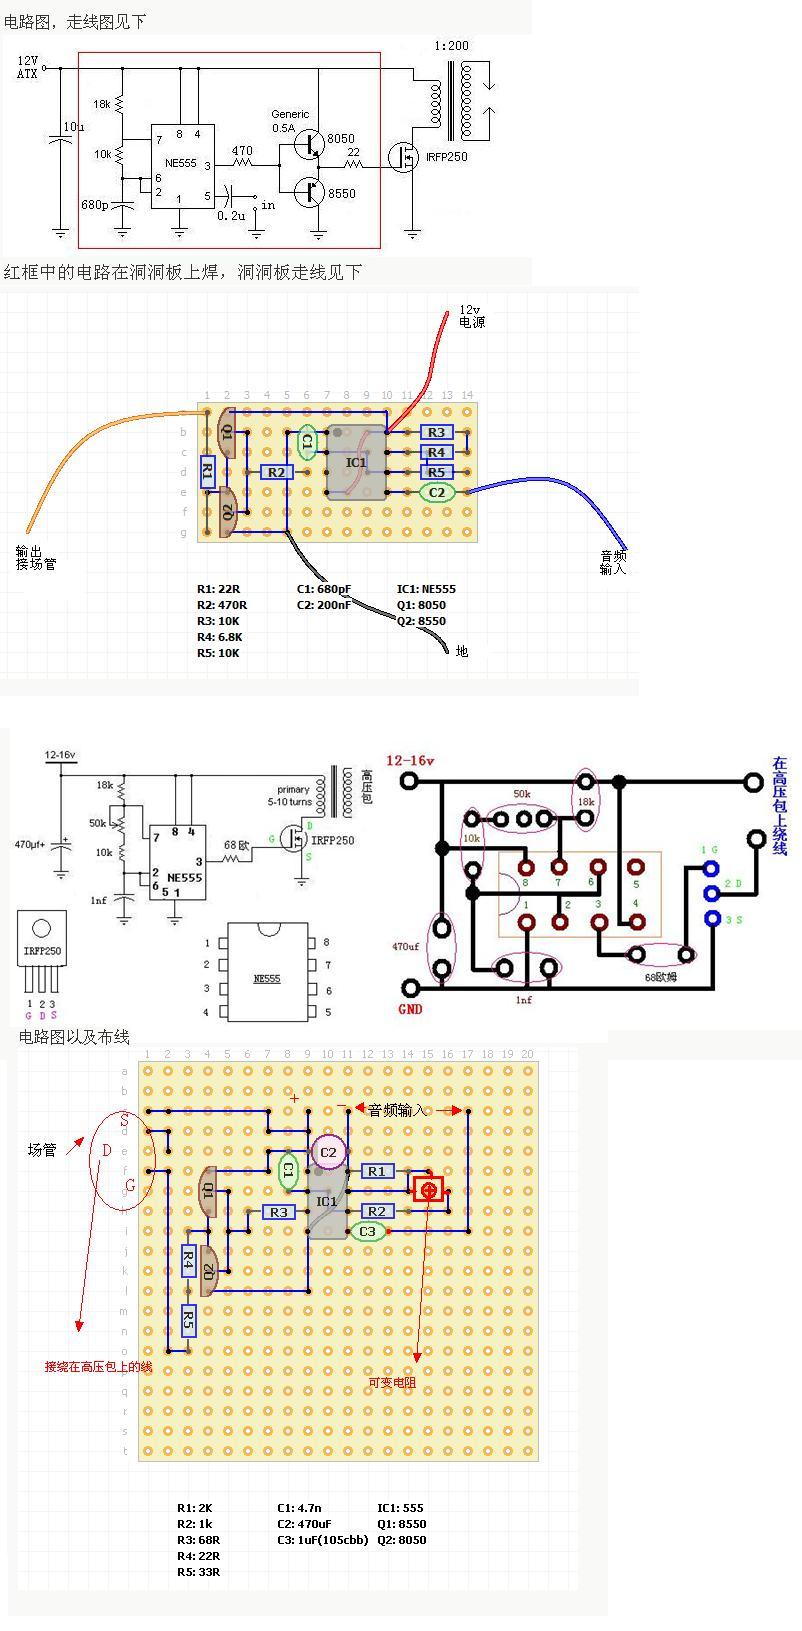 高压包电路图,场效应管是irfp260n,别用ne555,急急急!